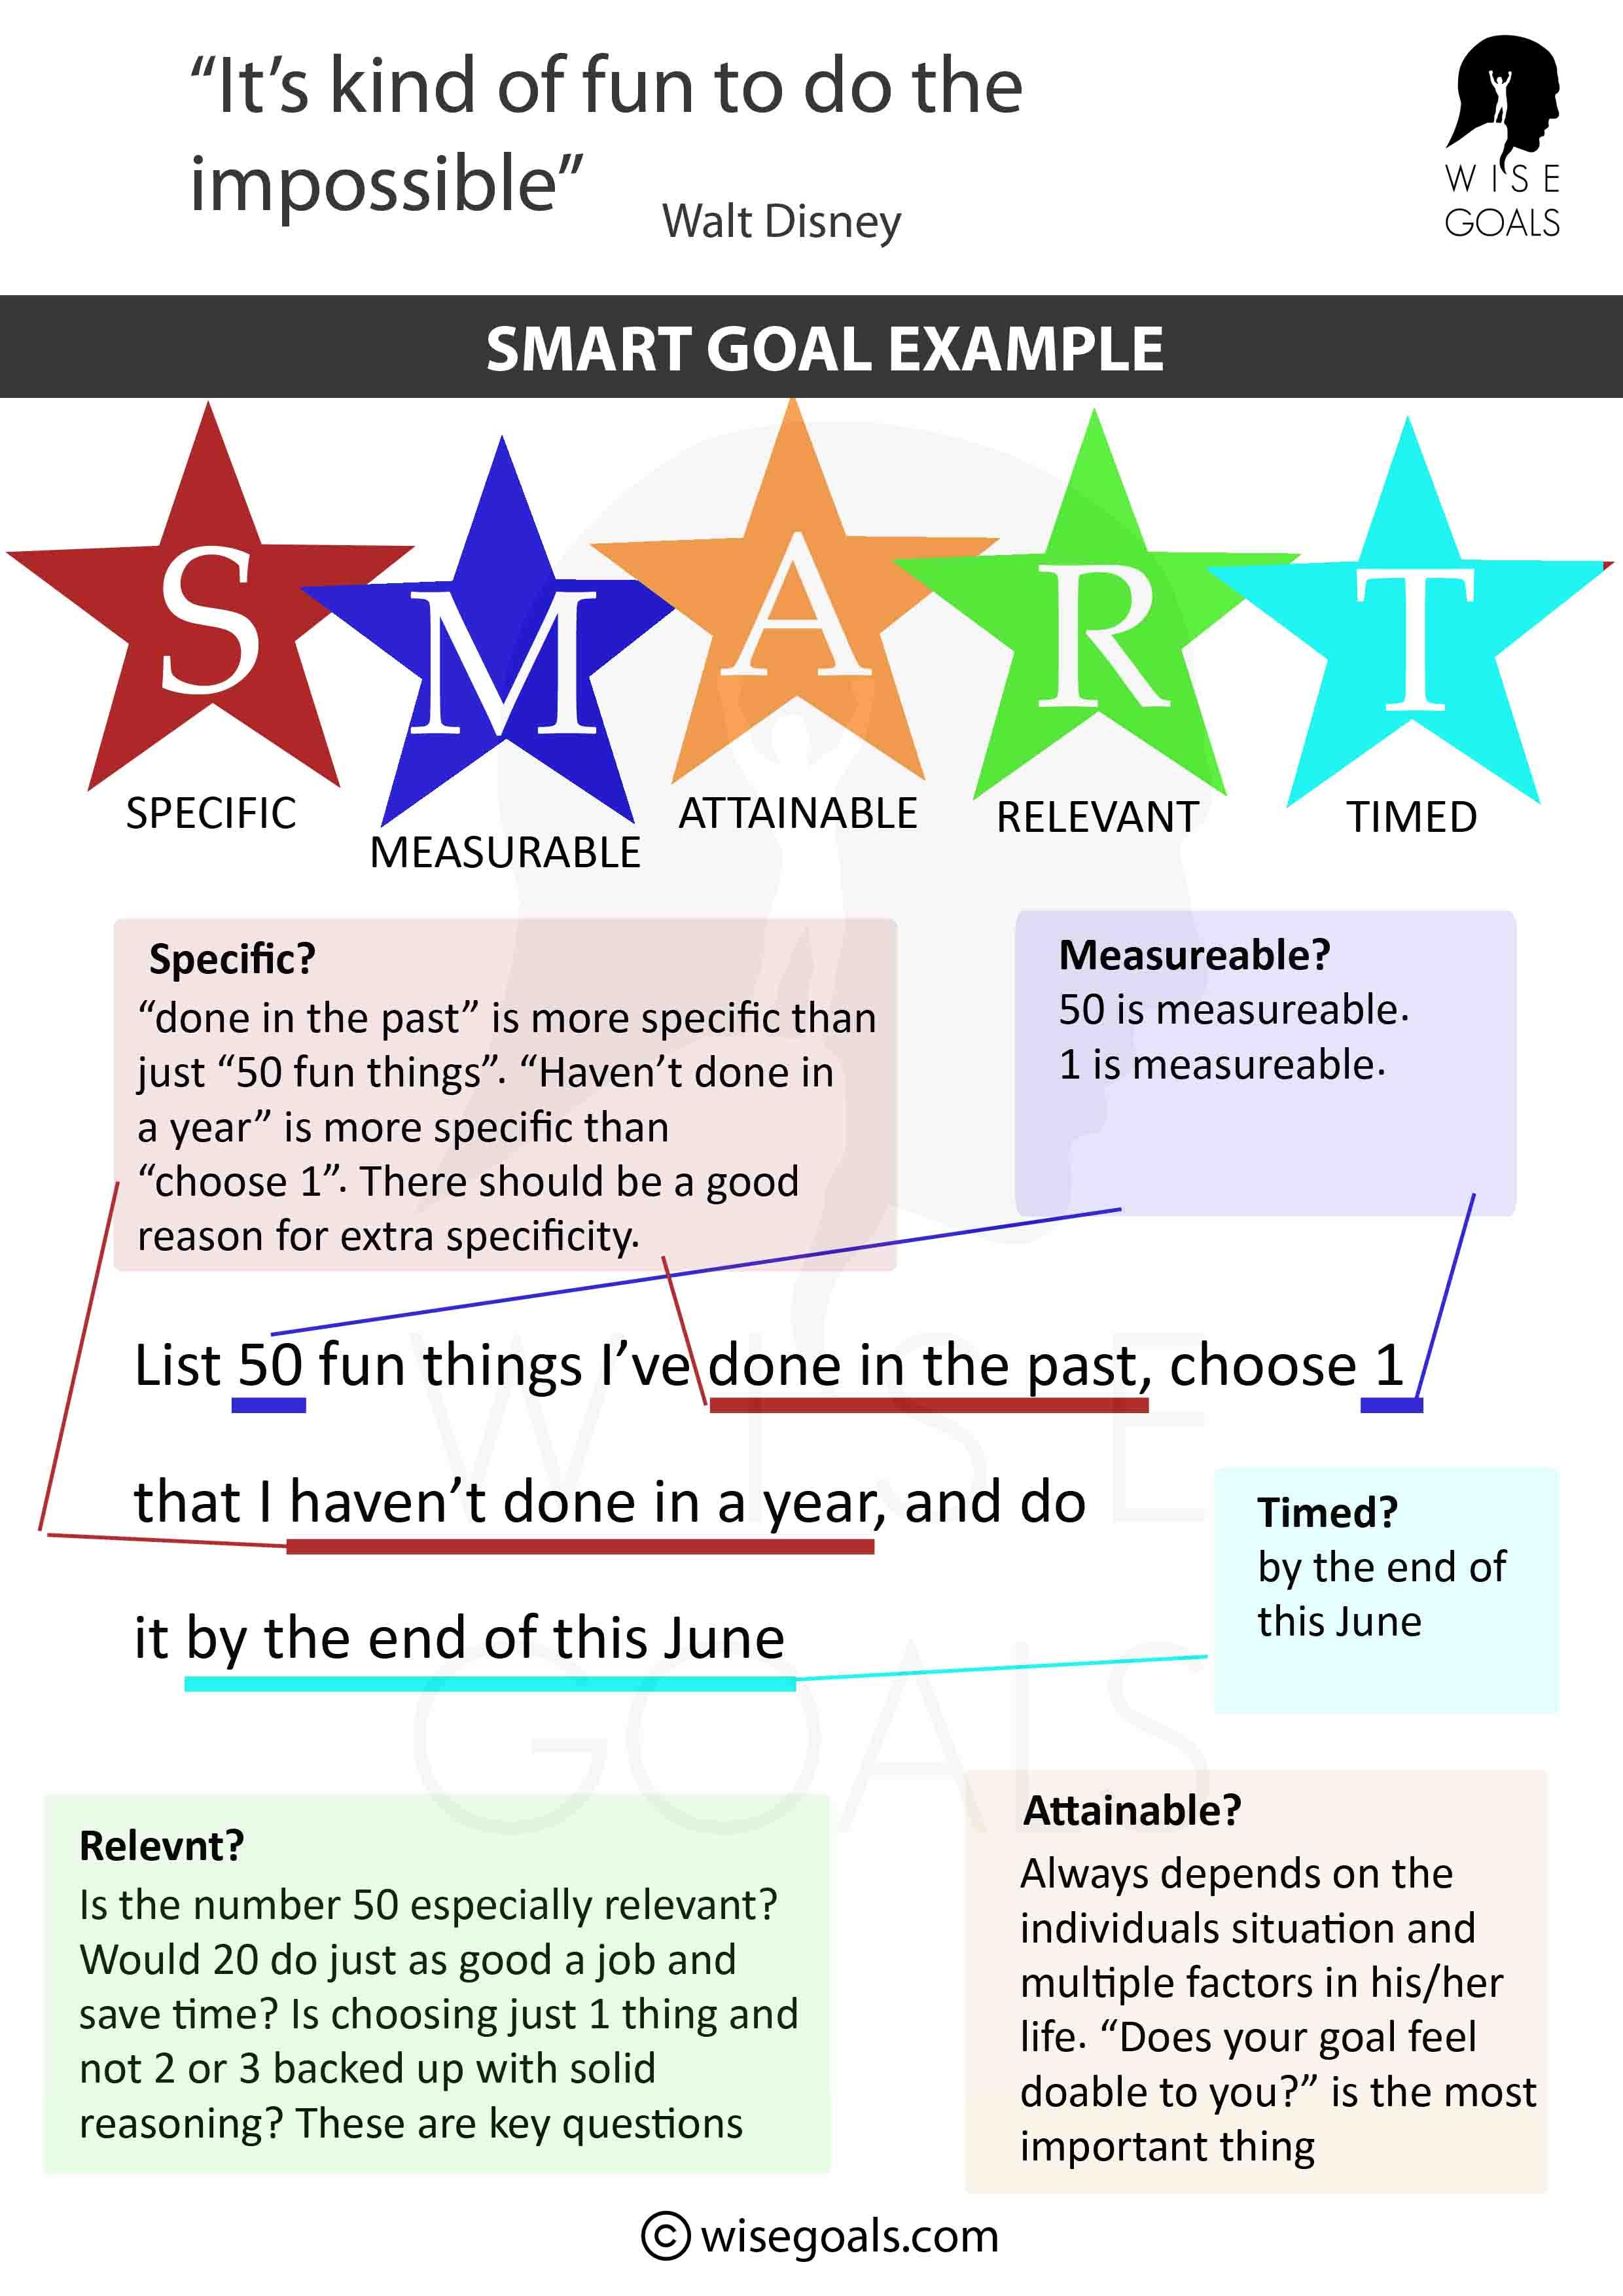 Smart goal example: Fun